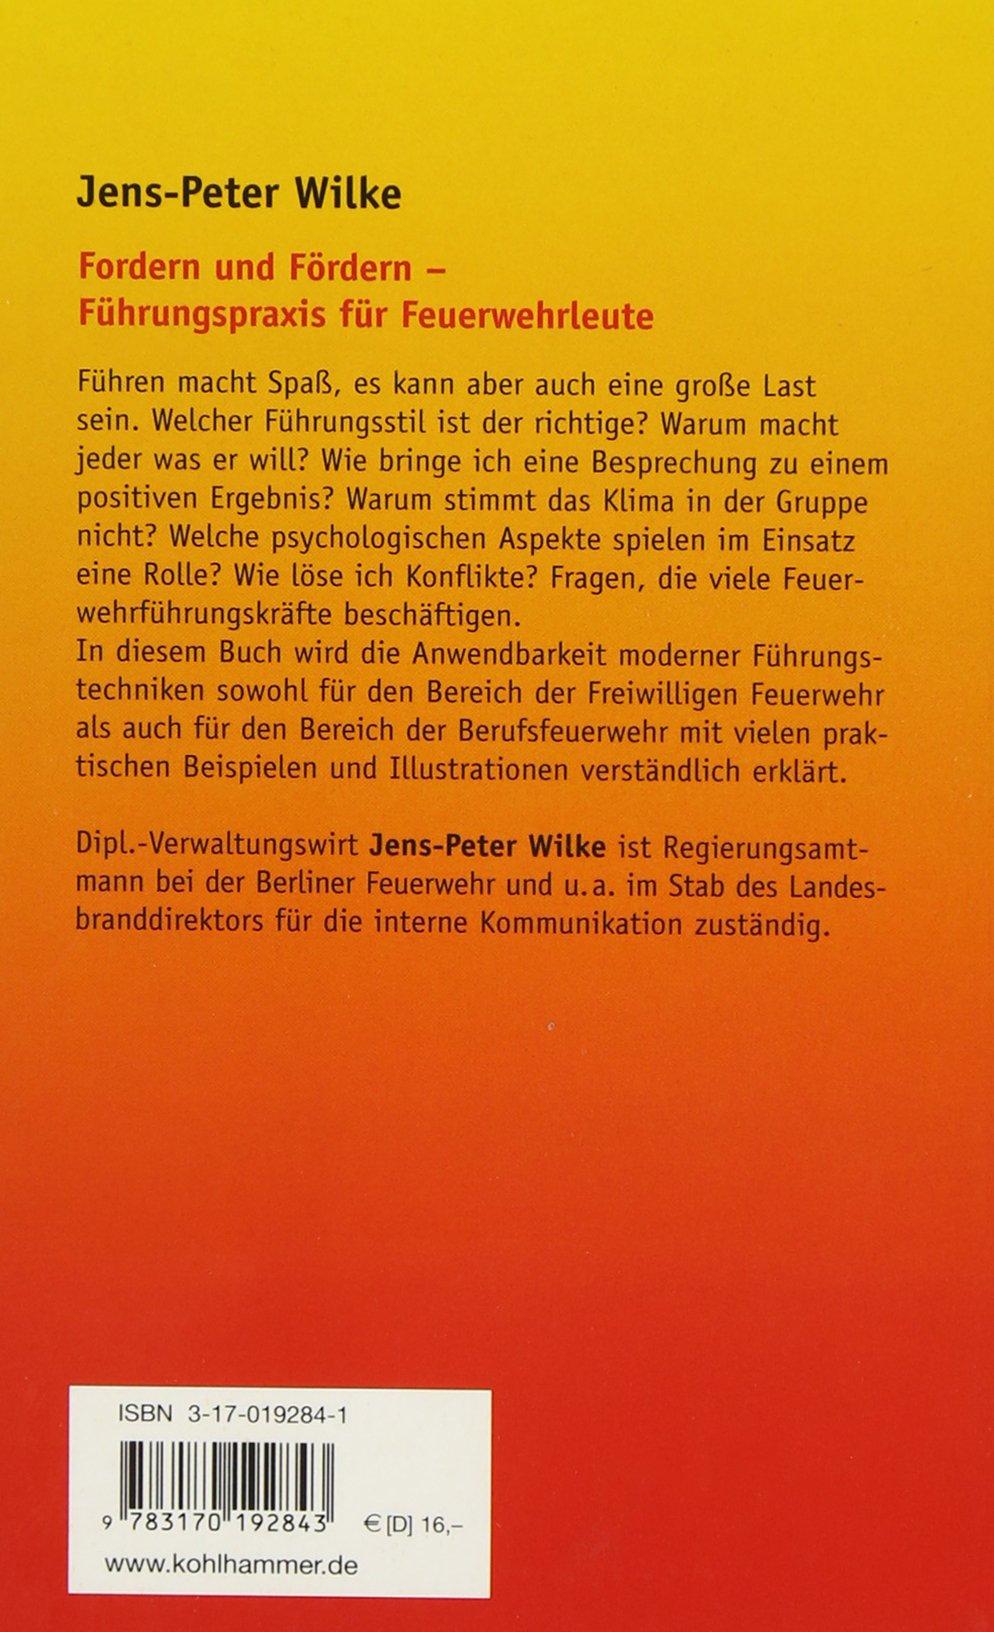 Fordern Und Fordern Fuhrungspraxis Fur Feuerwehrleute Wilke Jens Peter Amazon De Bucher